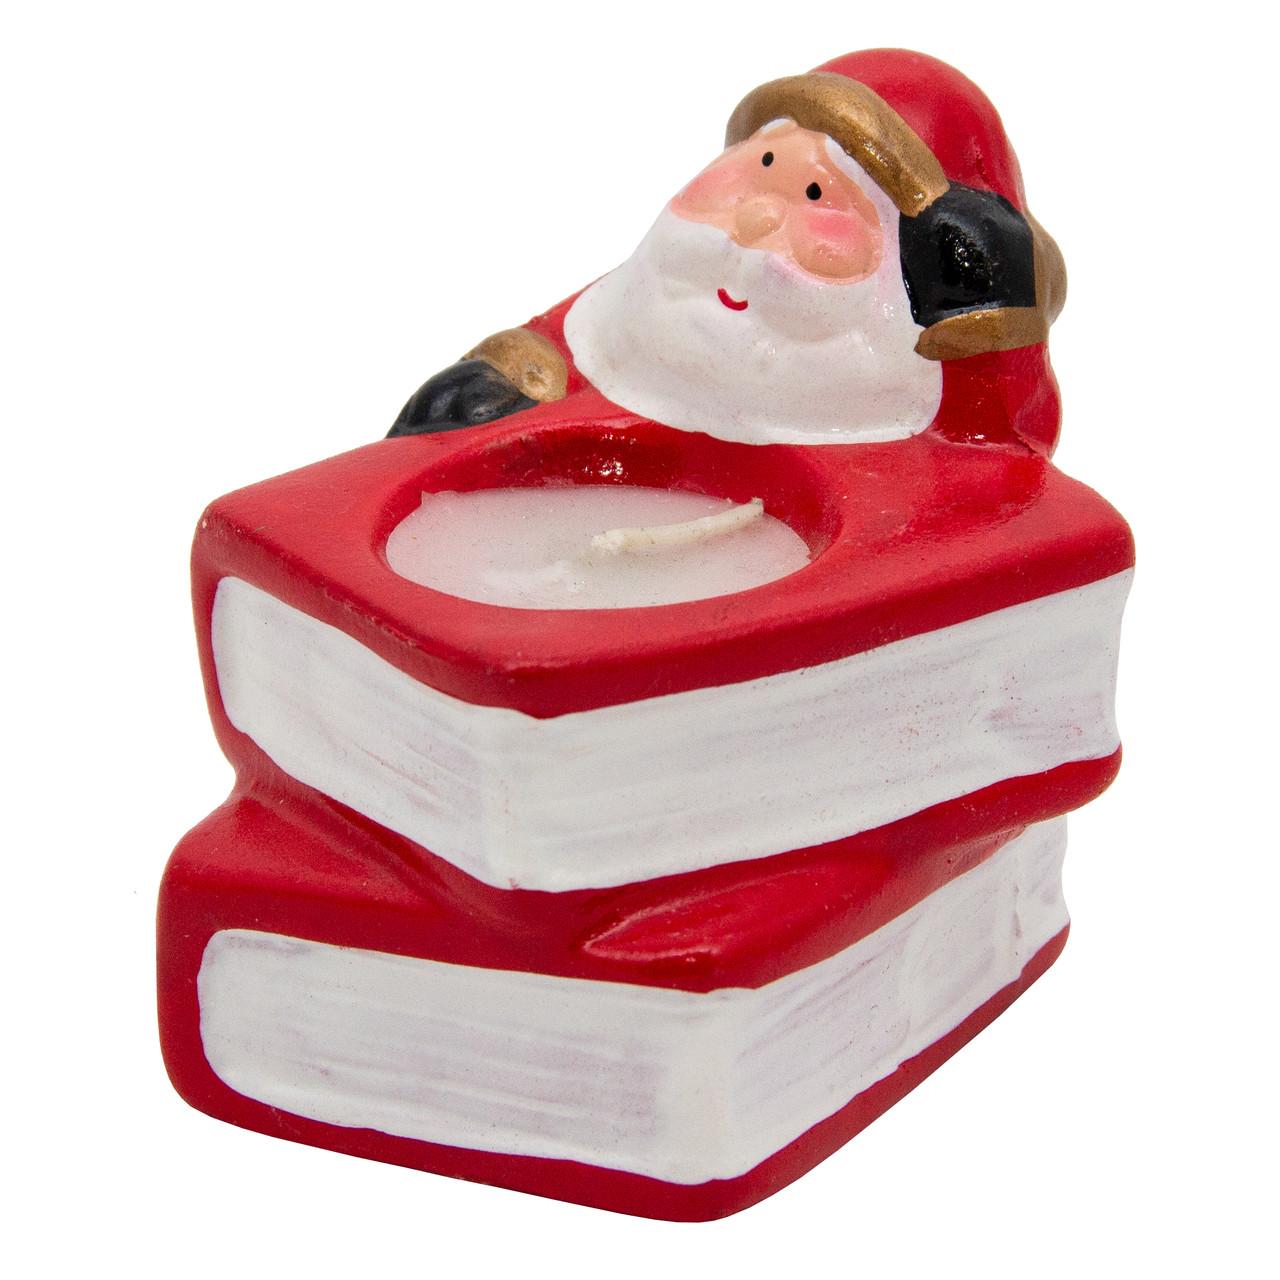 Подсвечник - Дед Мороз с книгами со свечой, 8*7,5*6,5 см, красный с белым, керамика (790111-1)